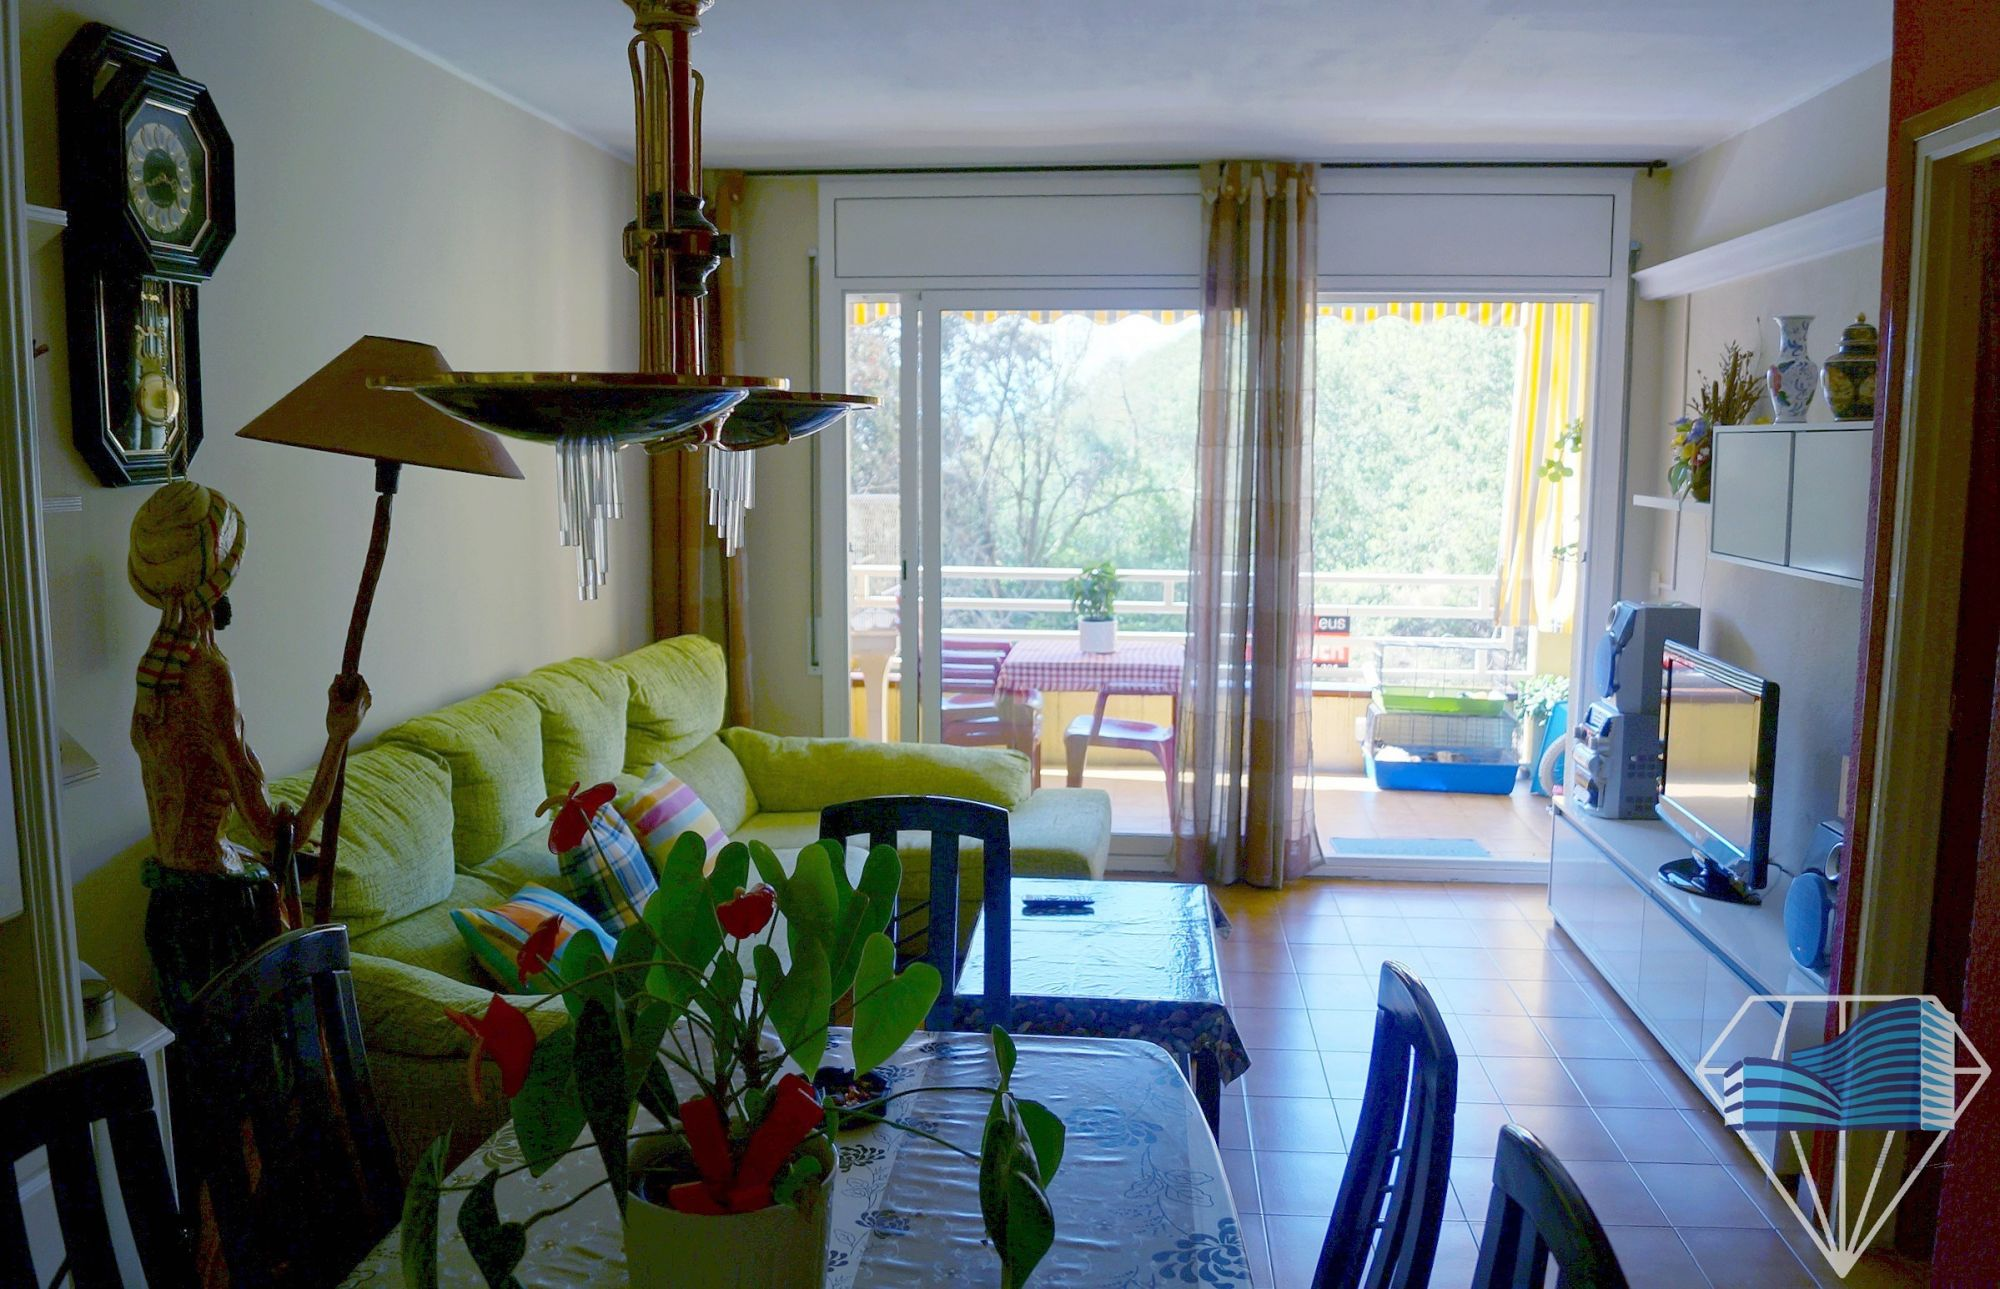 Apartment near the sea for sale in Blanes, Costa Brava